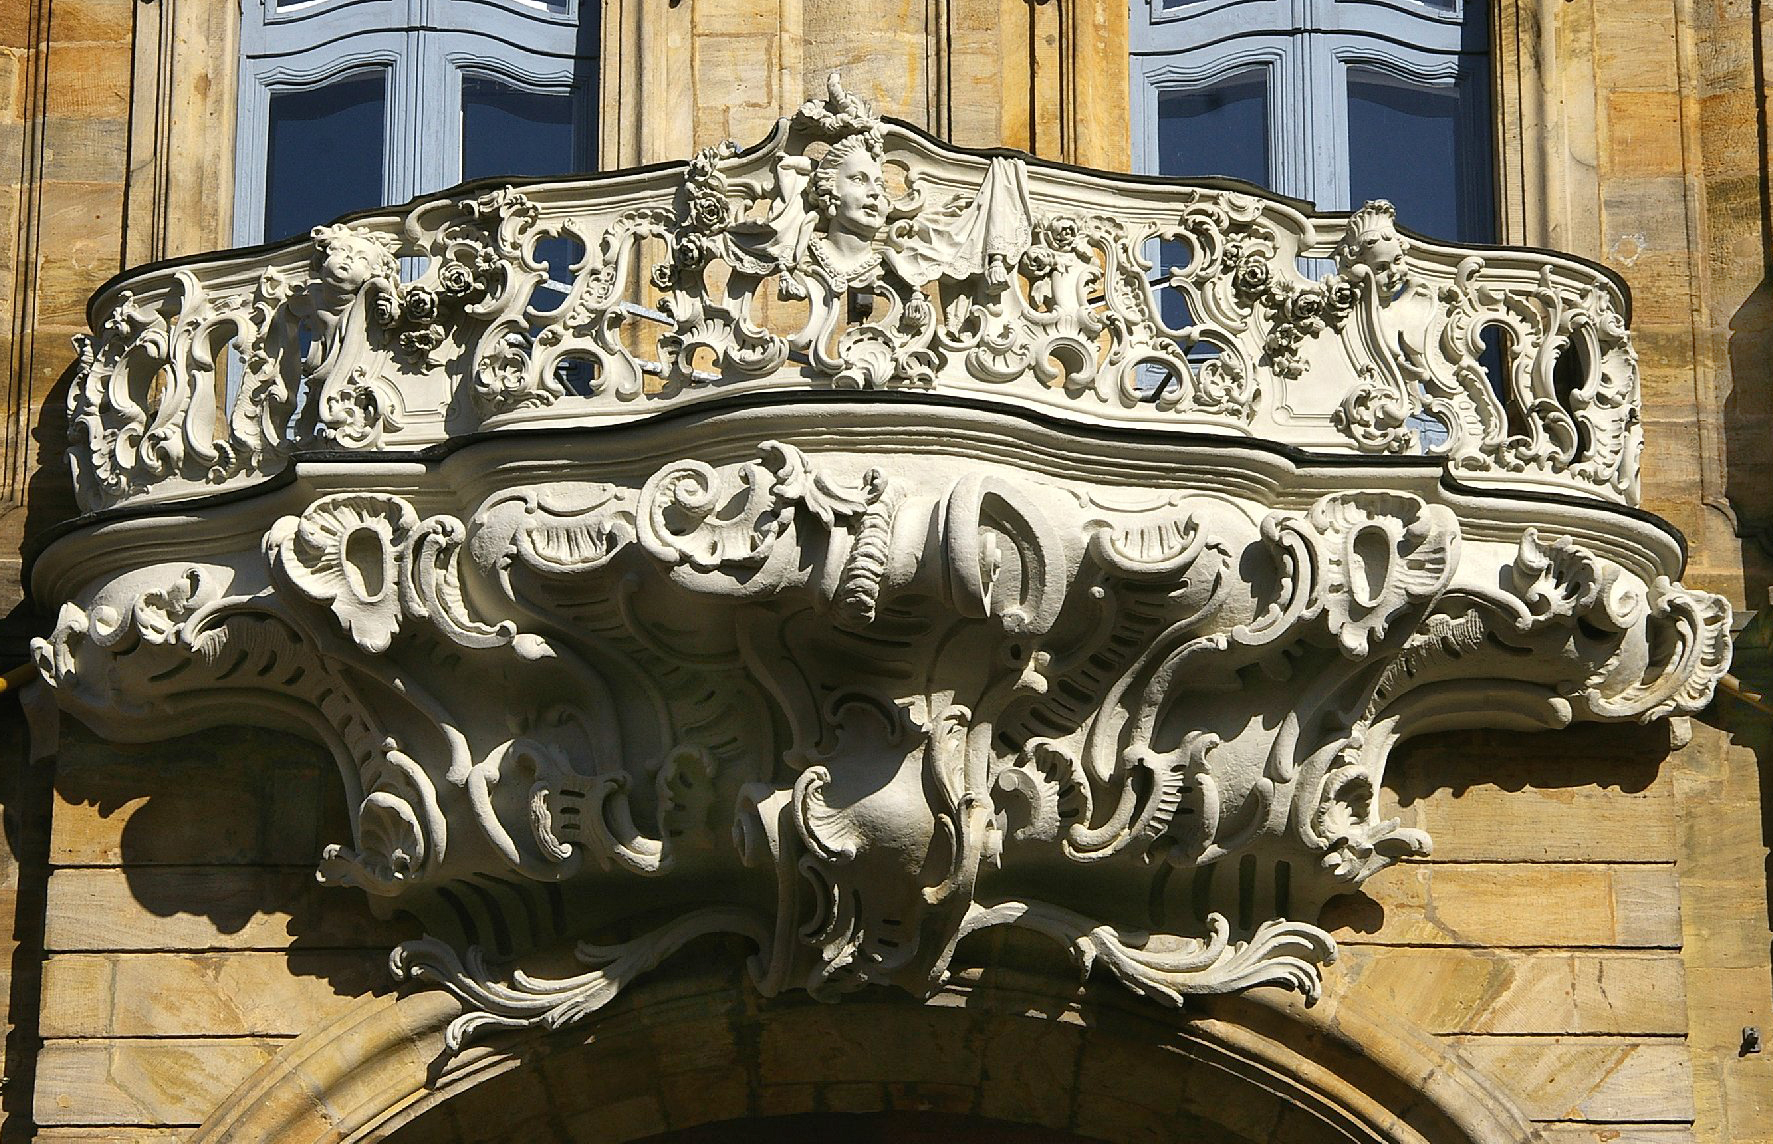 Balcony detail (photo: Wikimedia Commons)